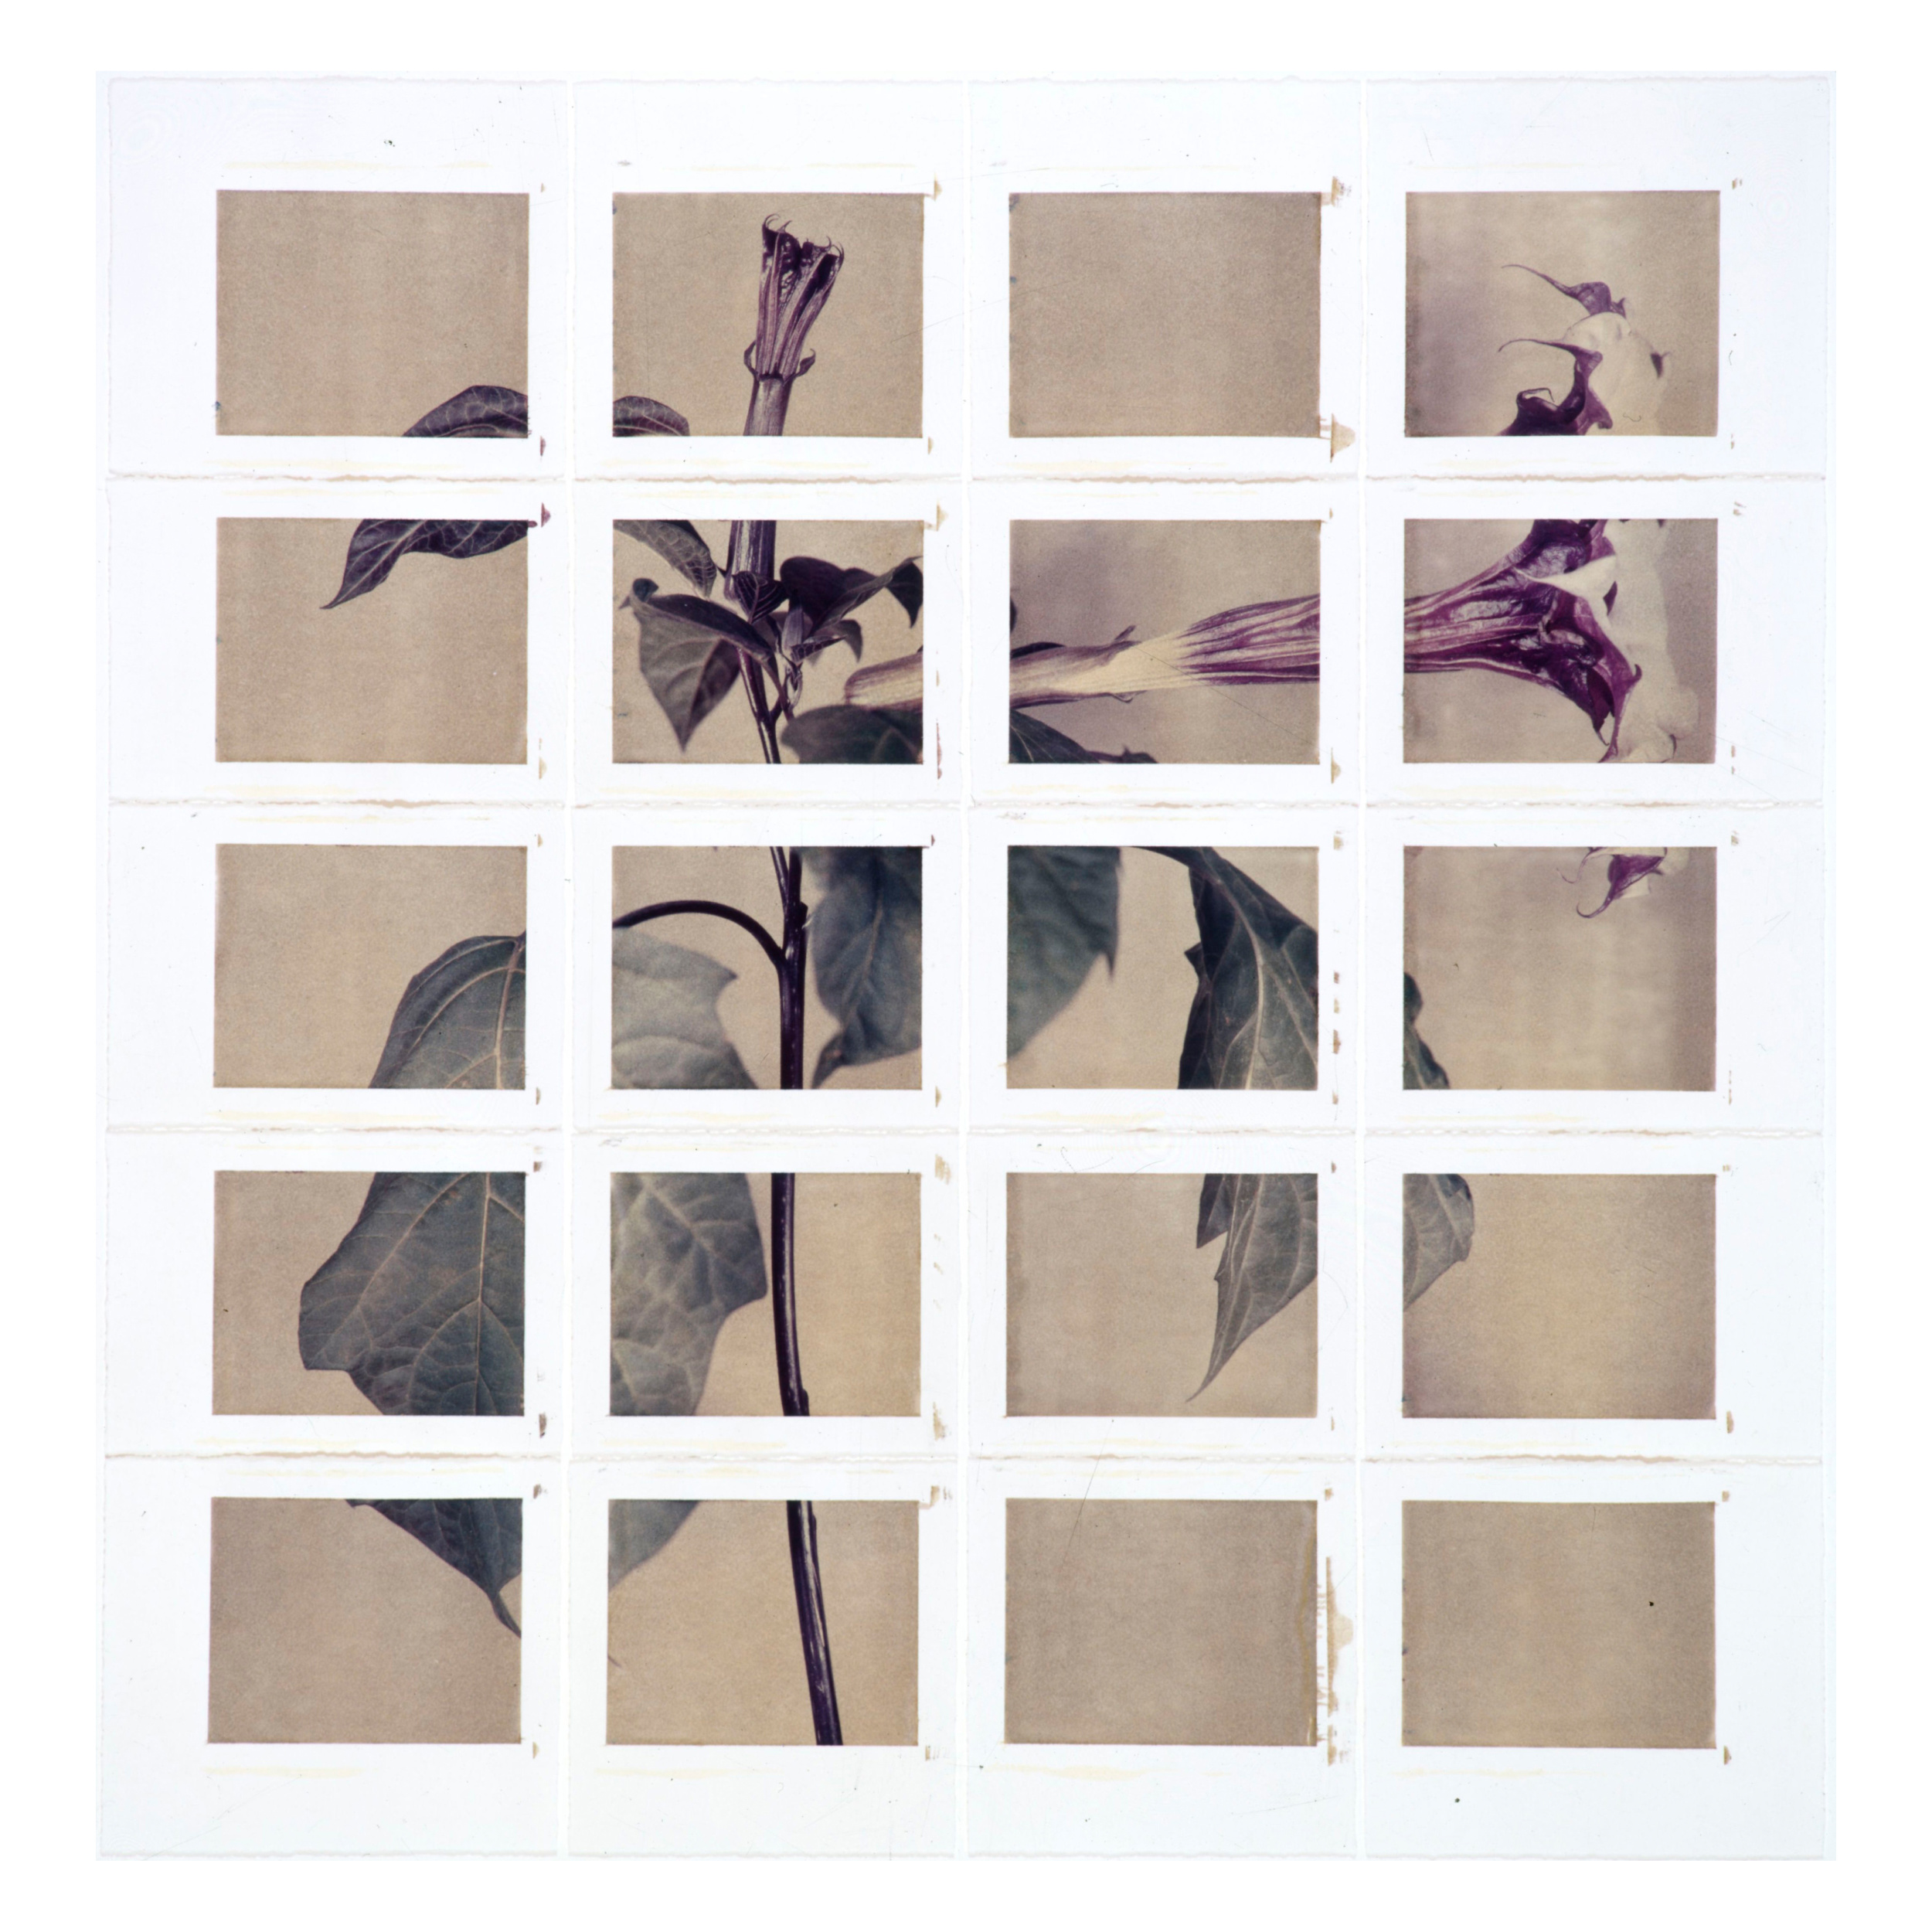 Horn of Plenty #1, 2000